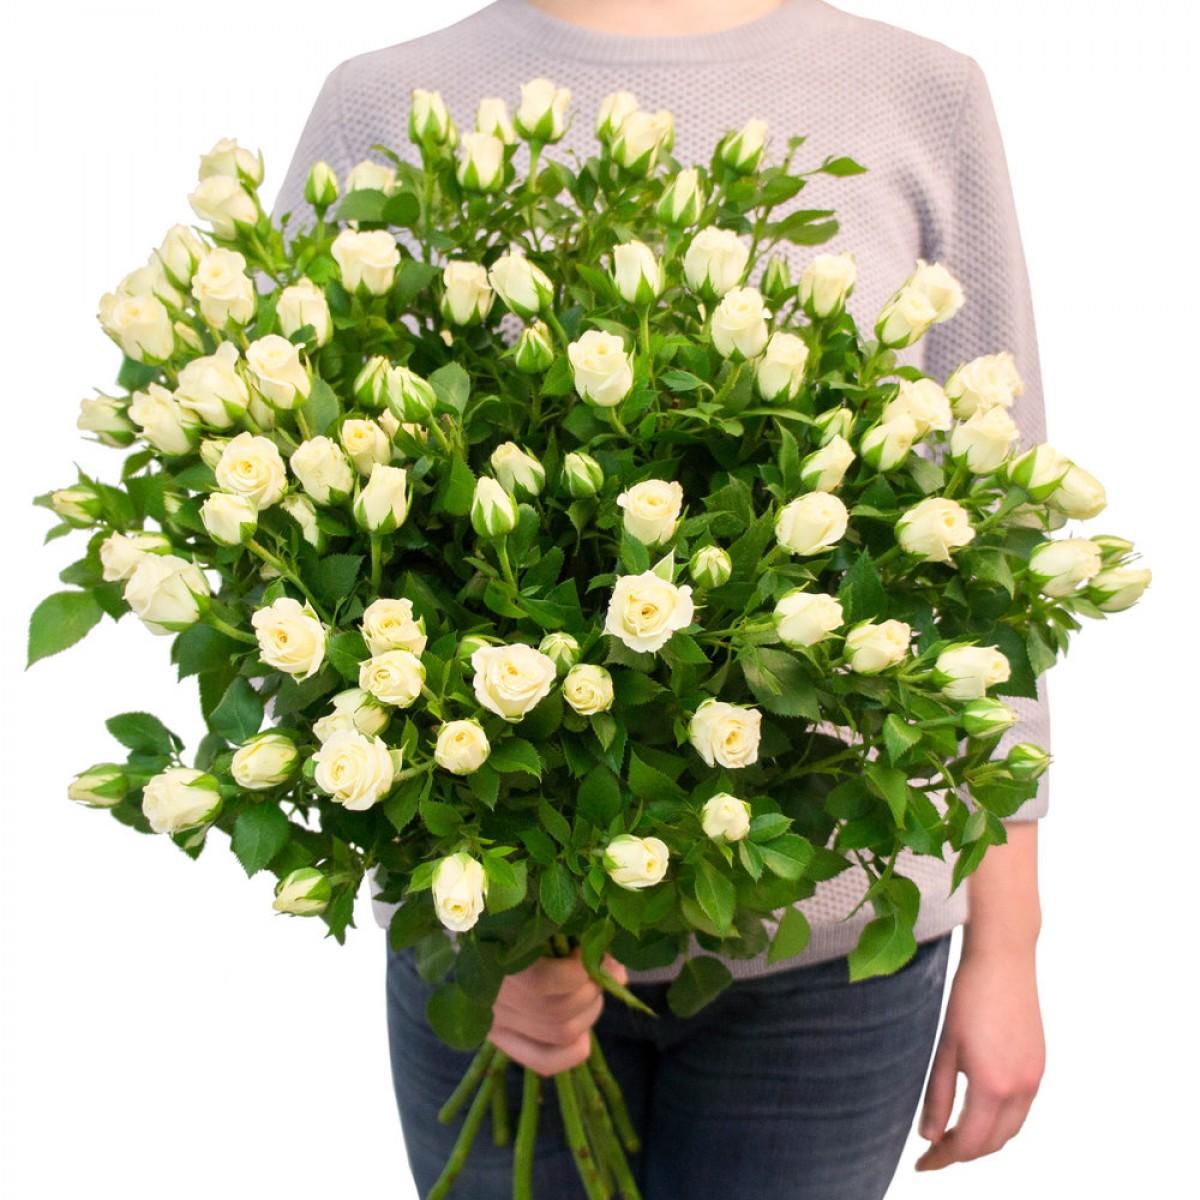 Букет от 11 до 15 бели спрей рози 80 см. (ти избираш броя)